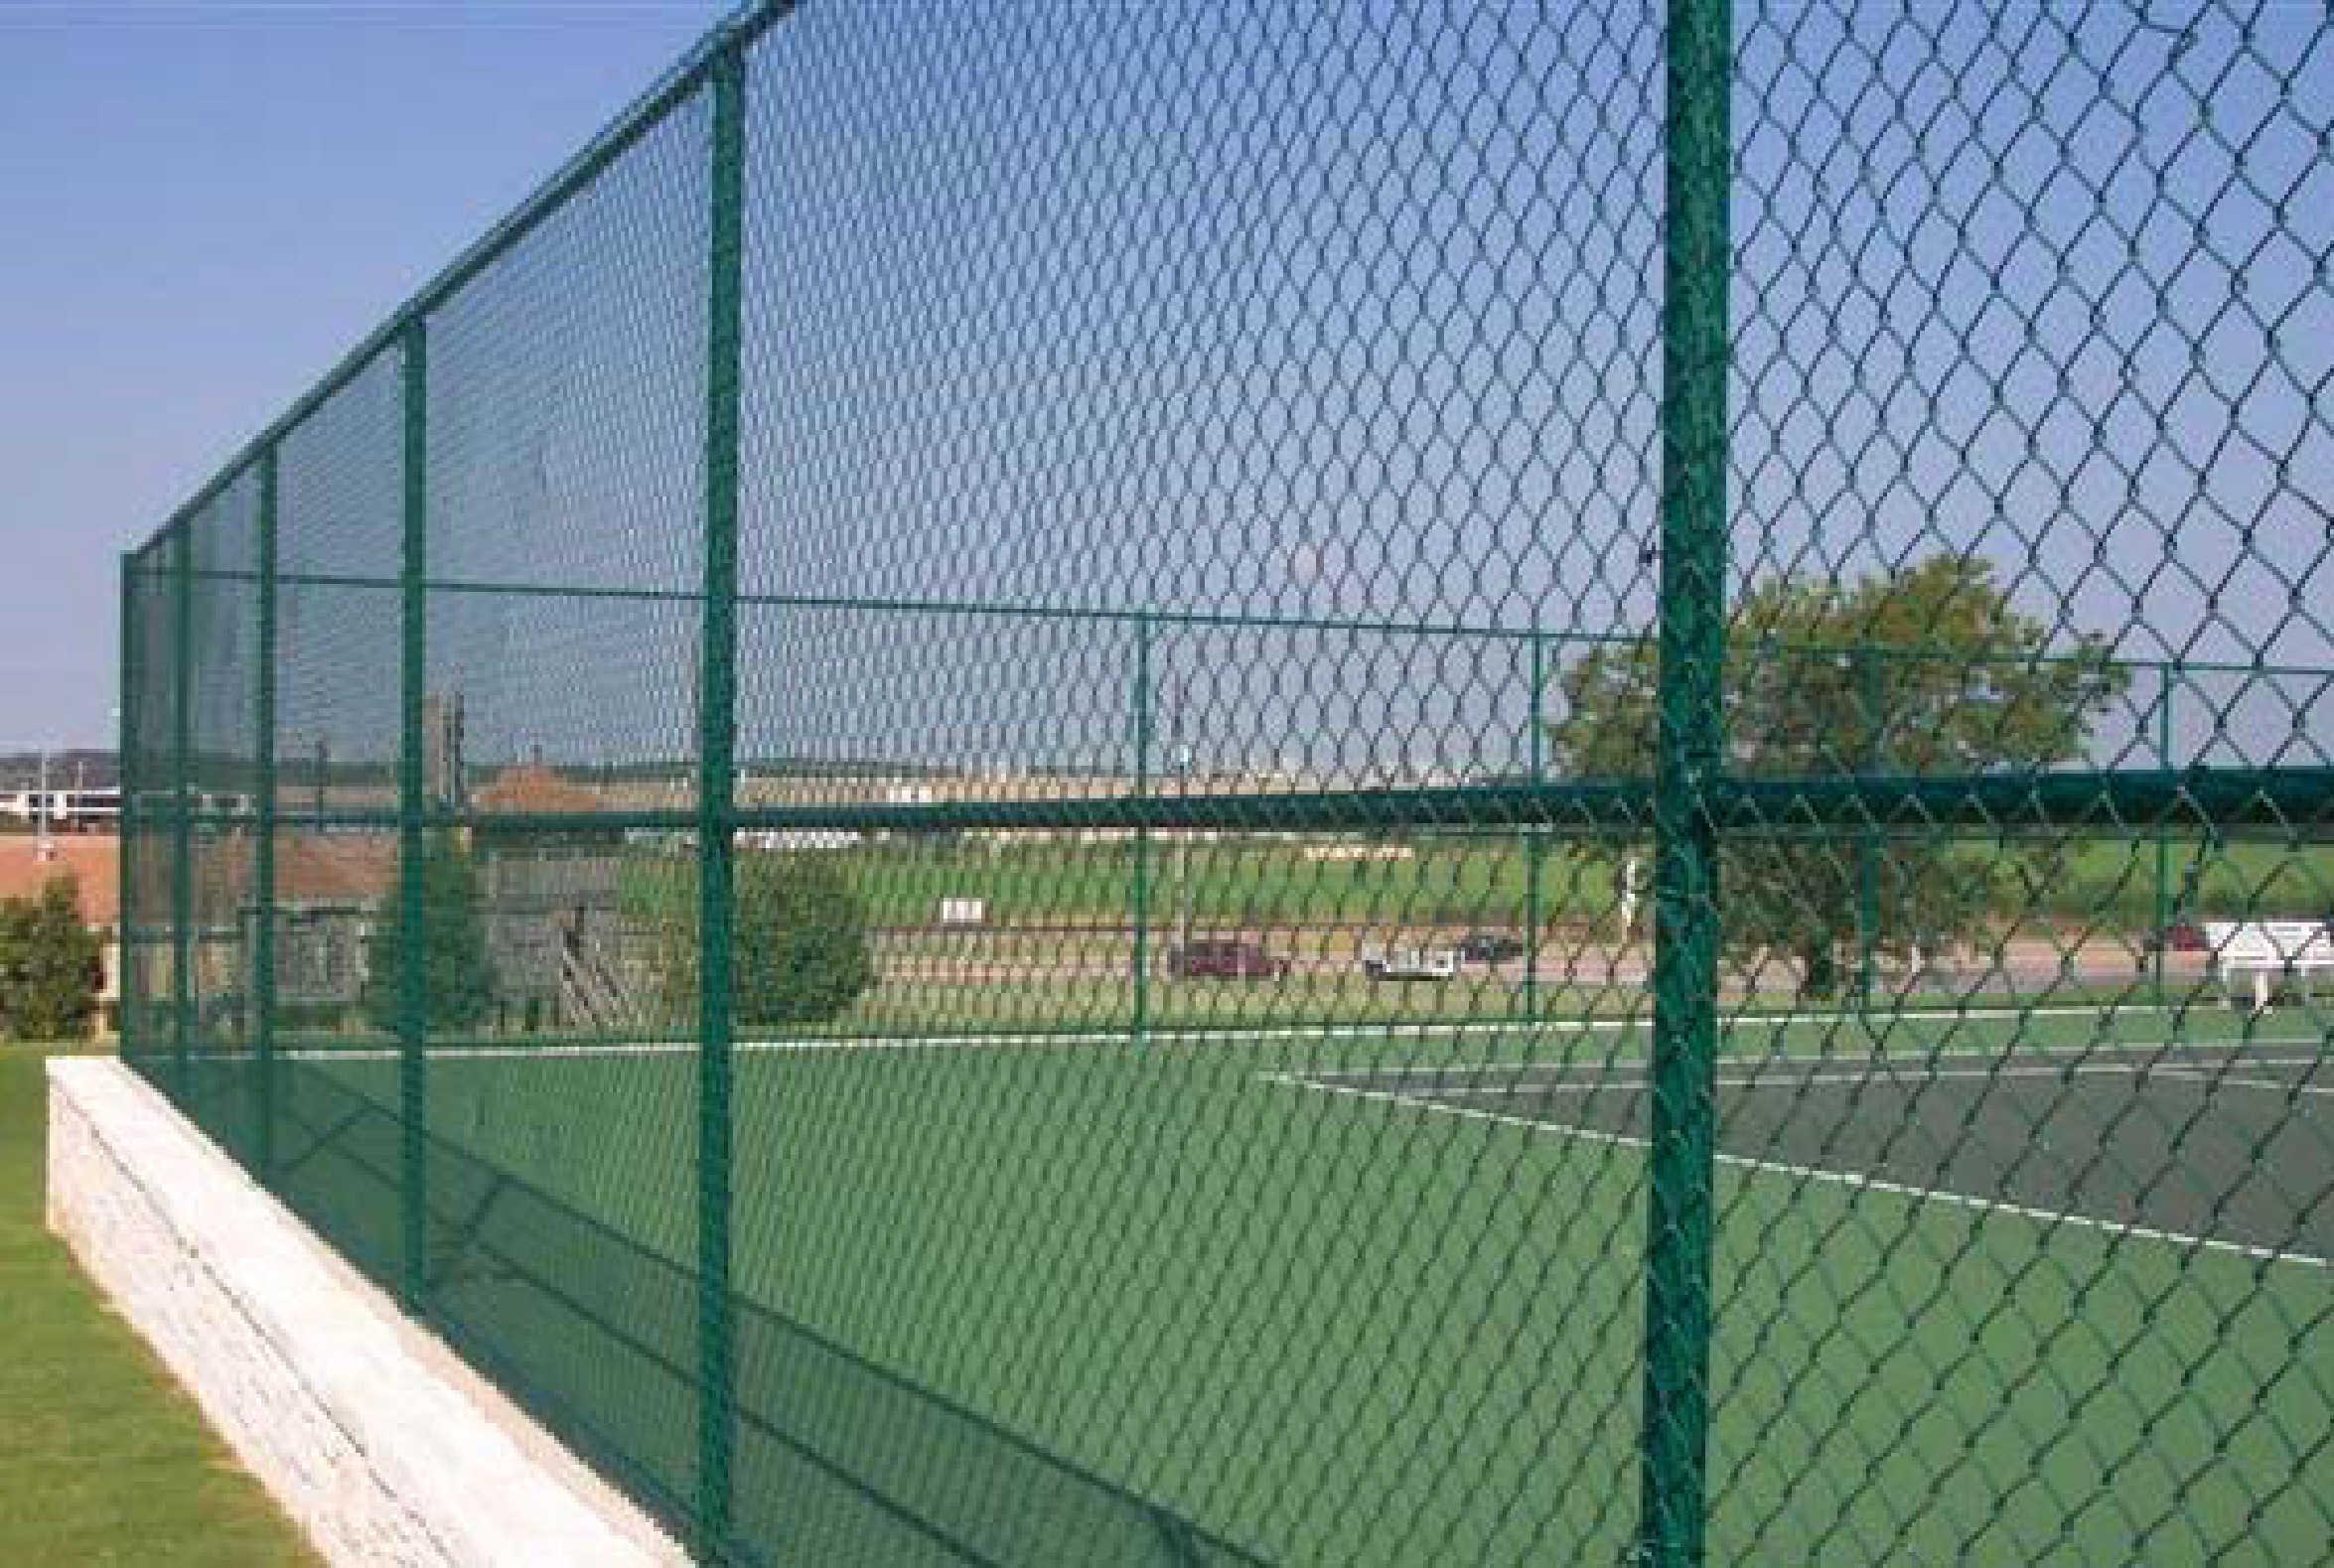 Quot Yota Quot Ltd Production Of Woven Fences Welded Fences